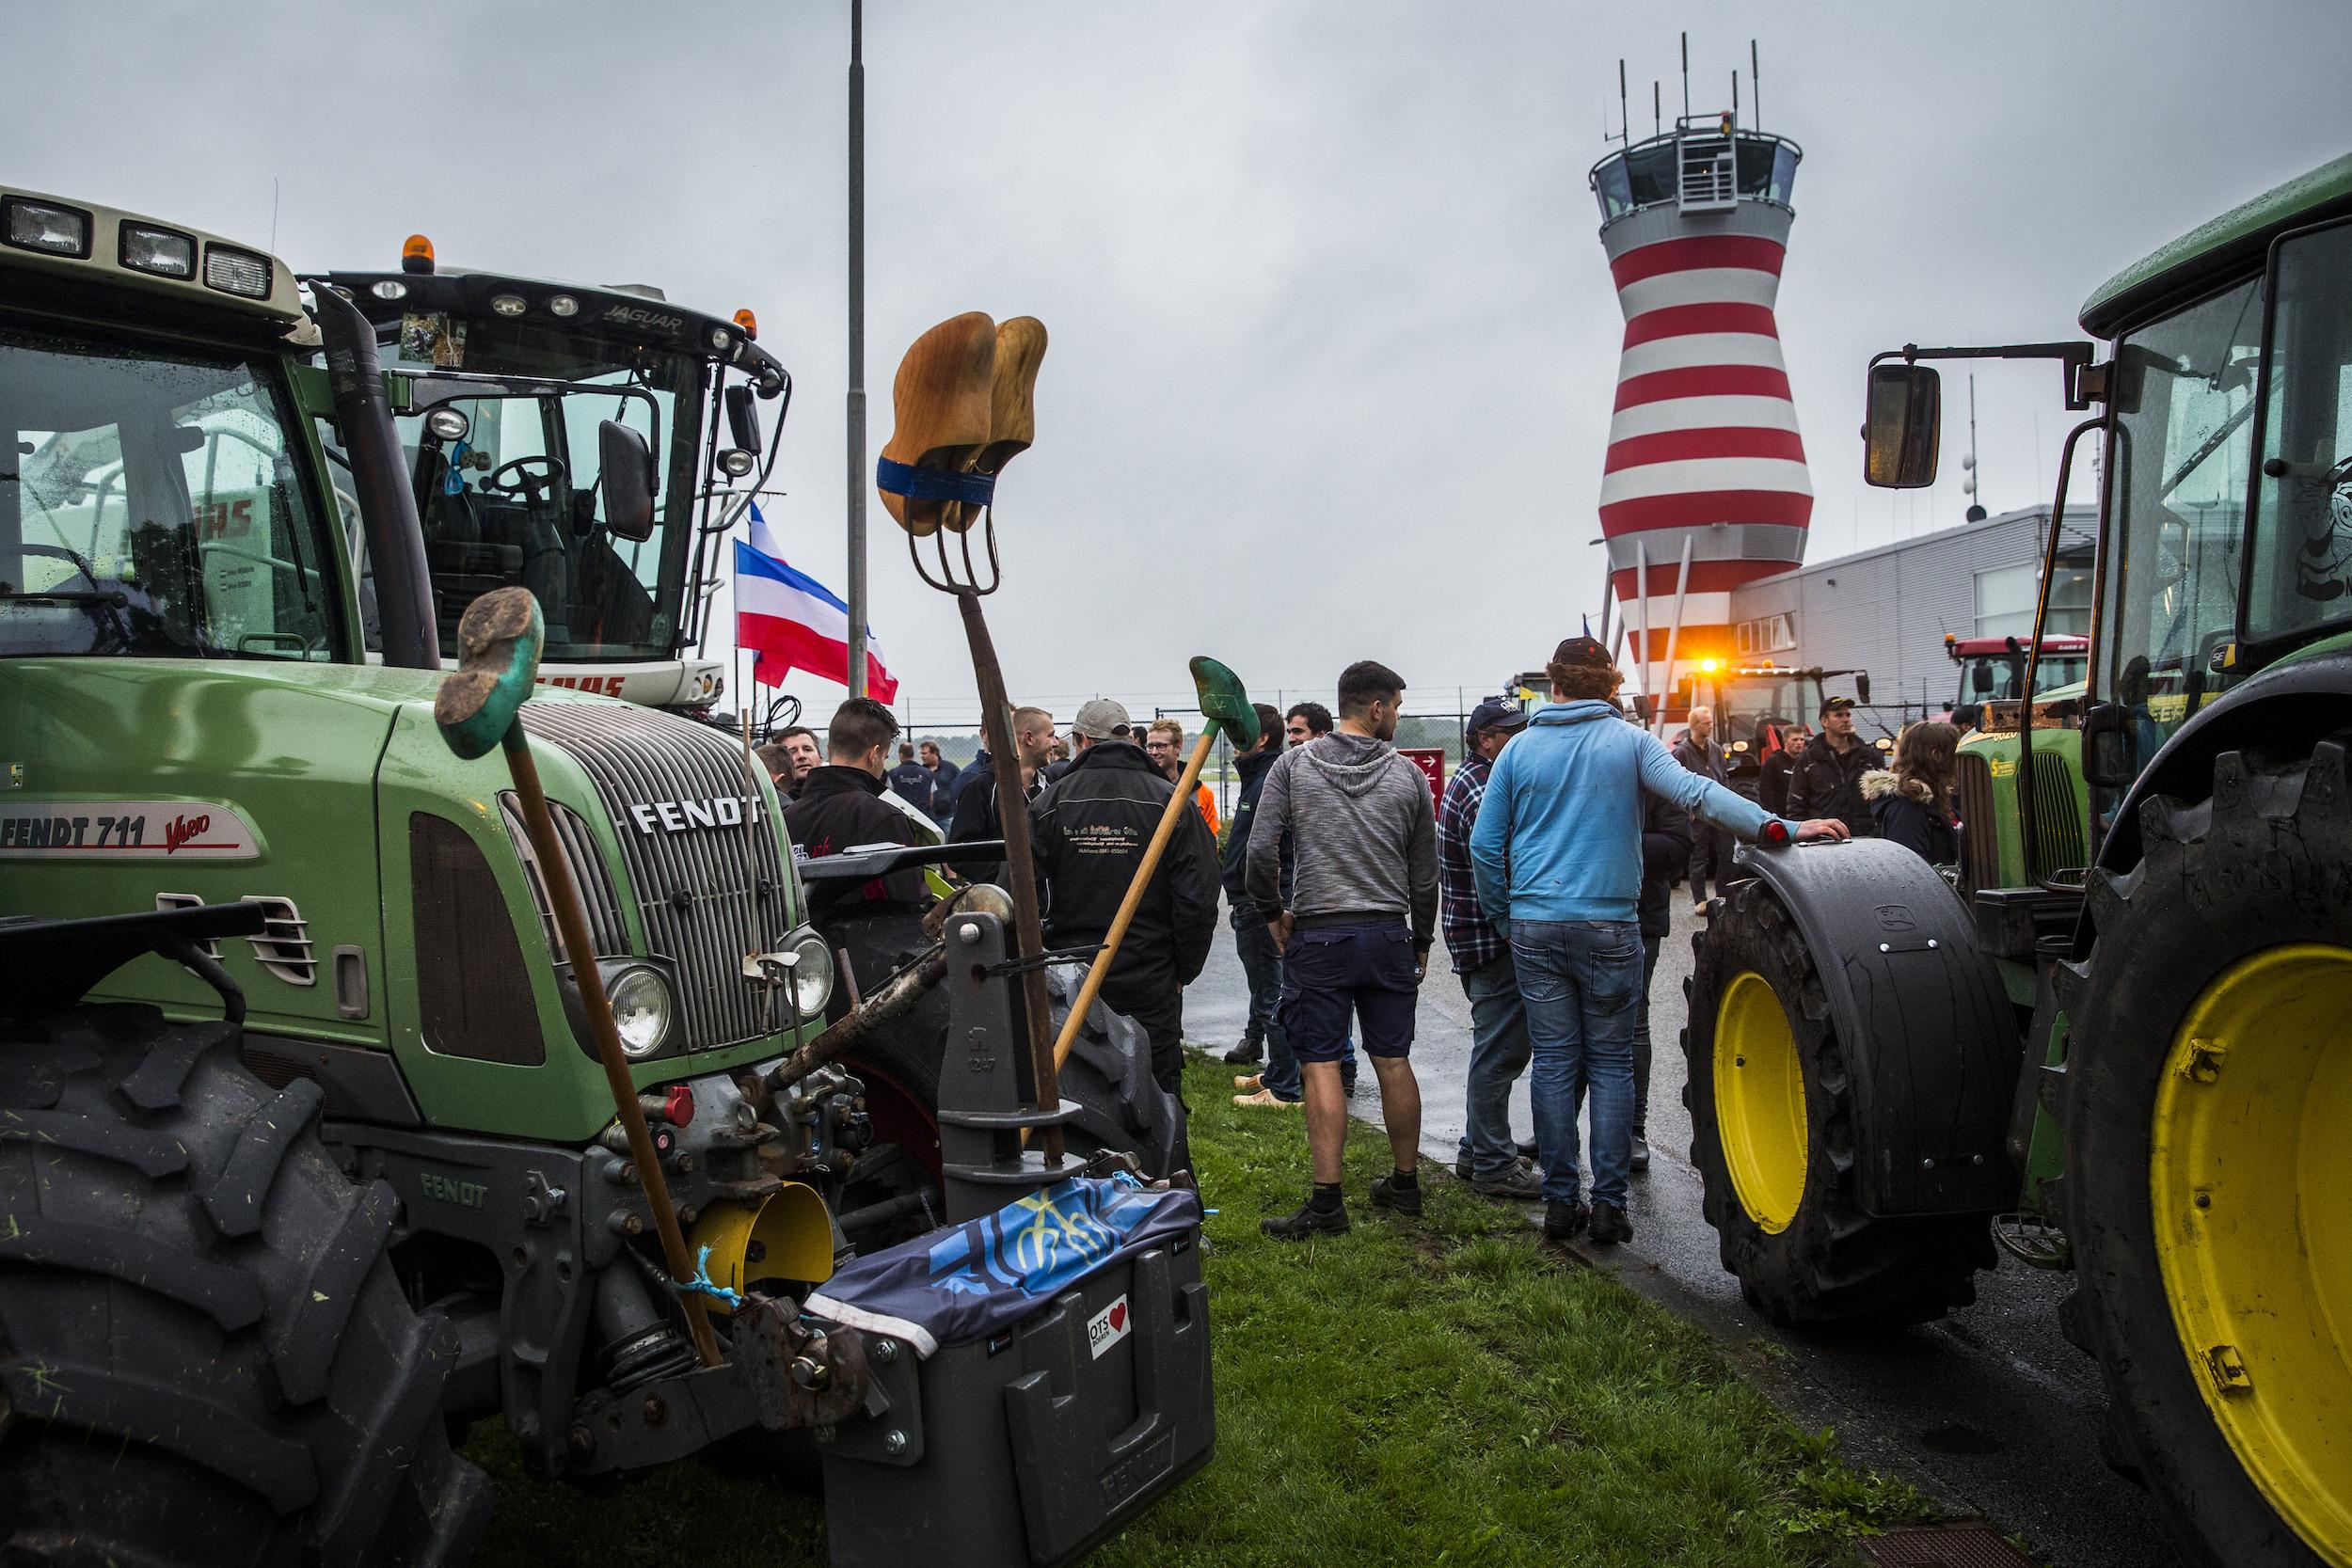 Boerenprotest bij Lelystad Airport